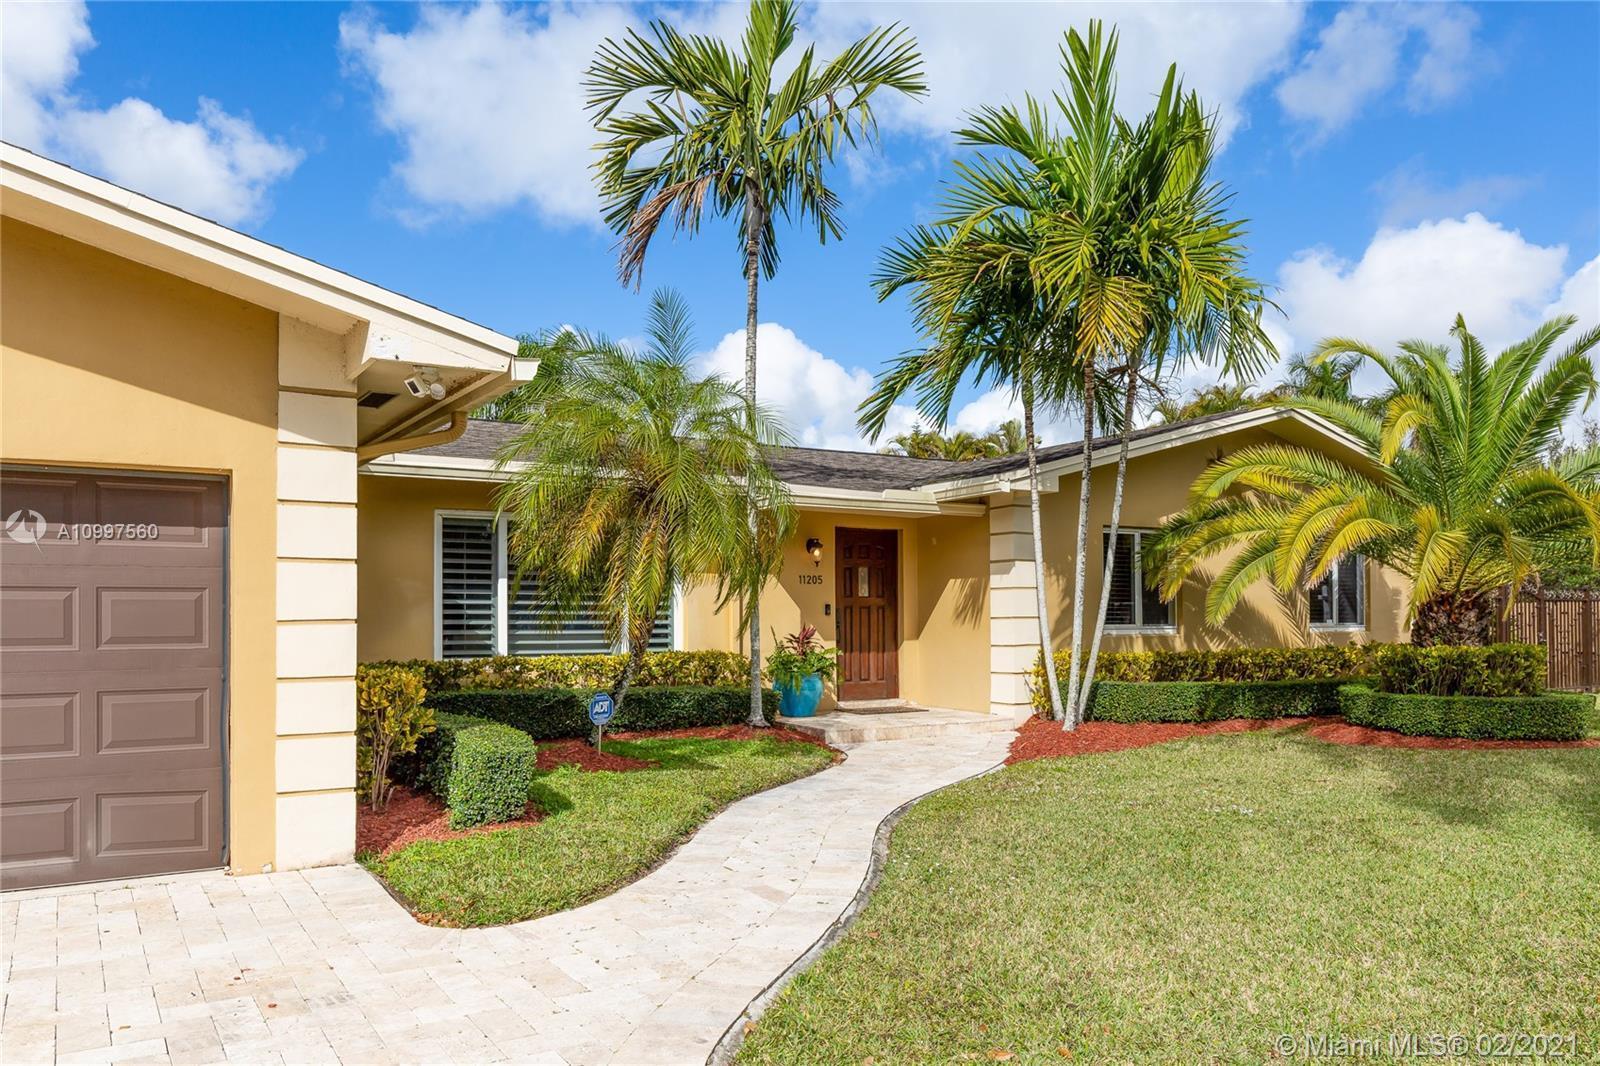 11205 SW 134th Ter, Miami, FL, 33176